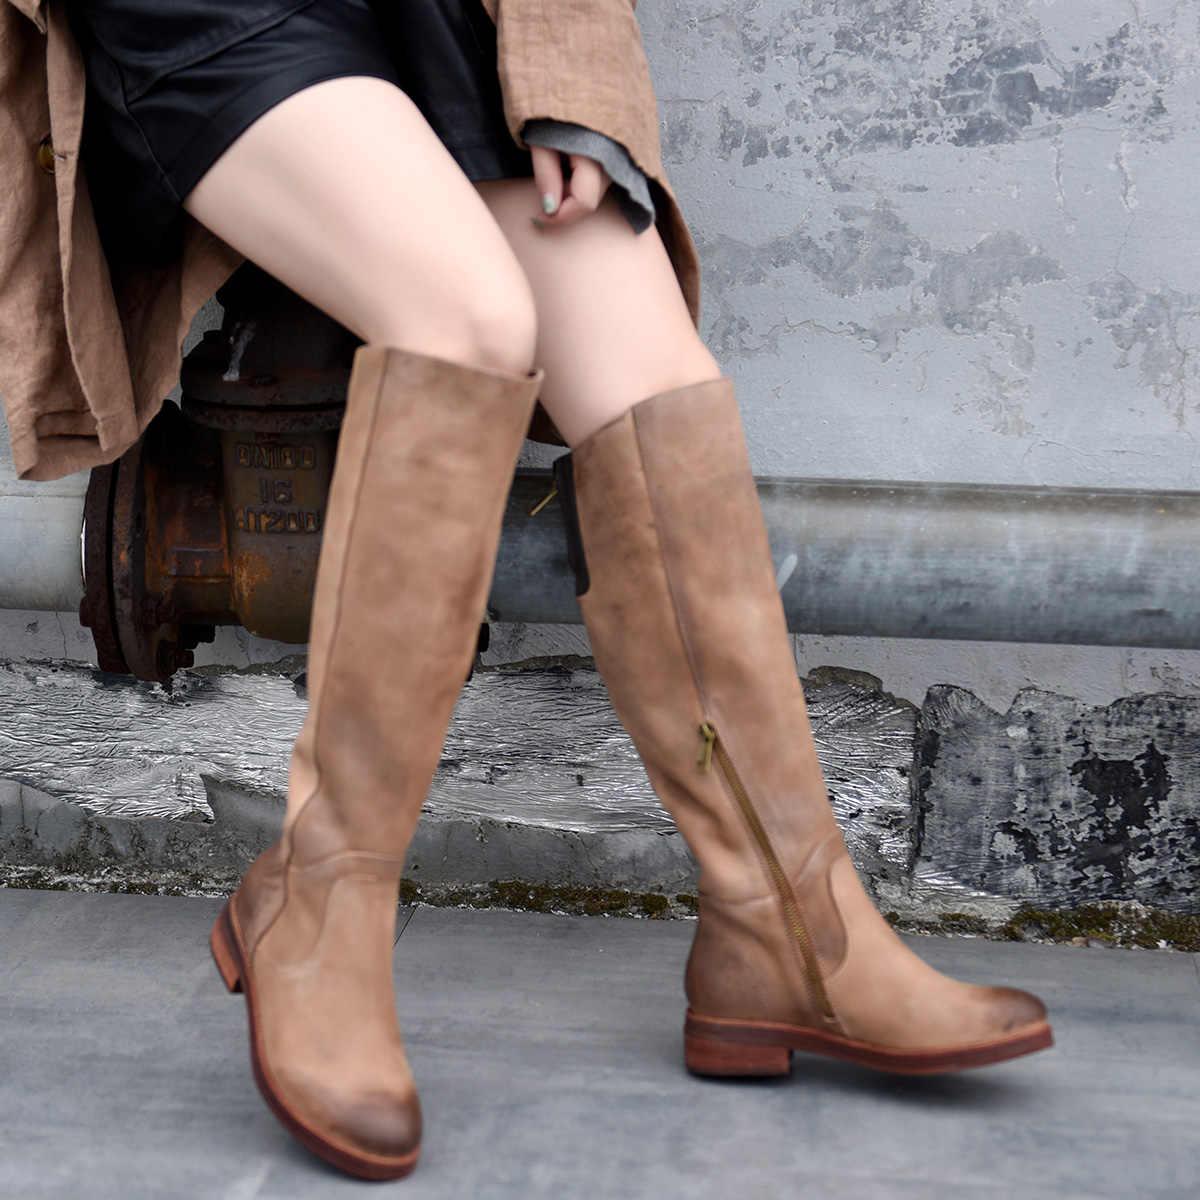 Artmu Original Retro Echtem Leder Dicken Heels Knie Hohe Stiefel Casual Ritter Stiefel Handgemachte 2019 Neue frauen Stiefel 701 -2